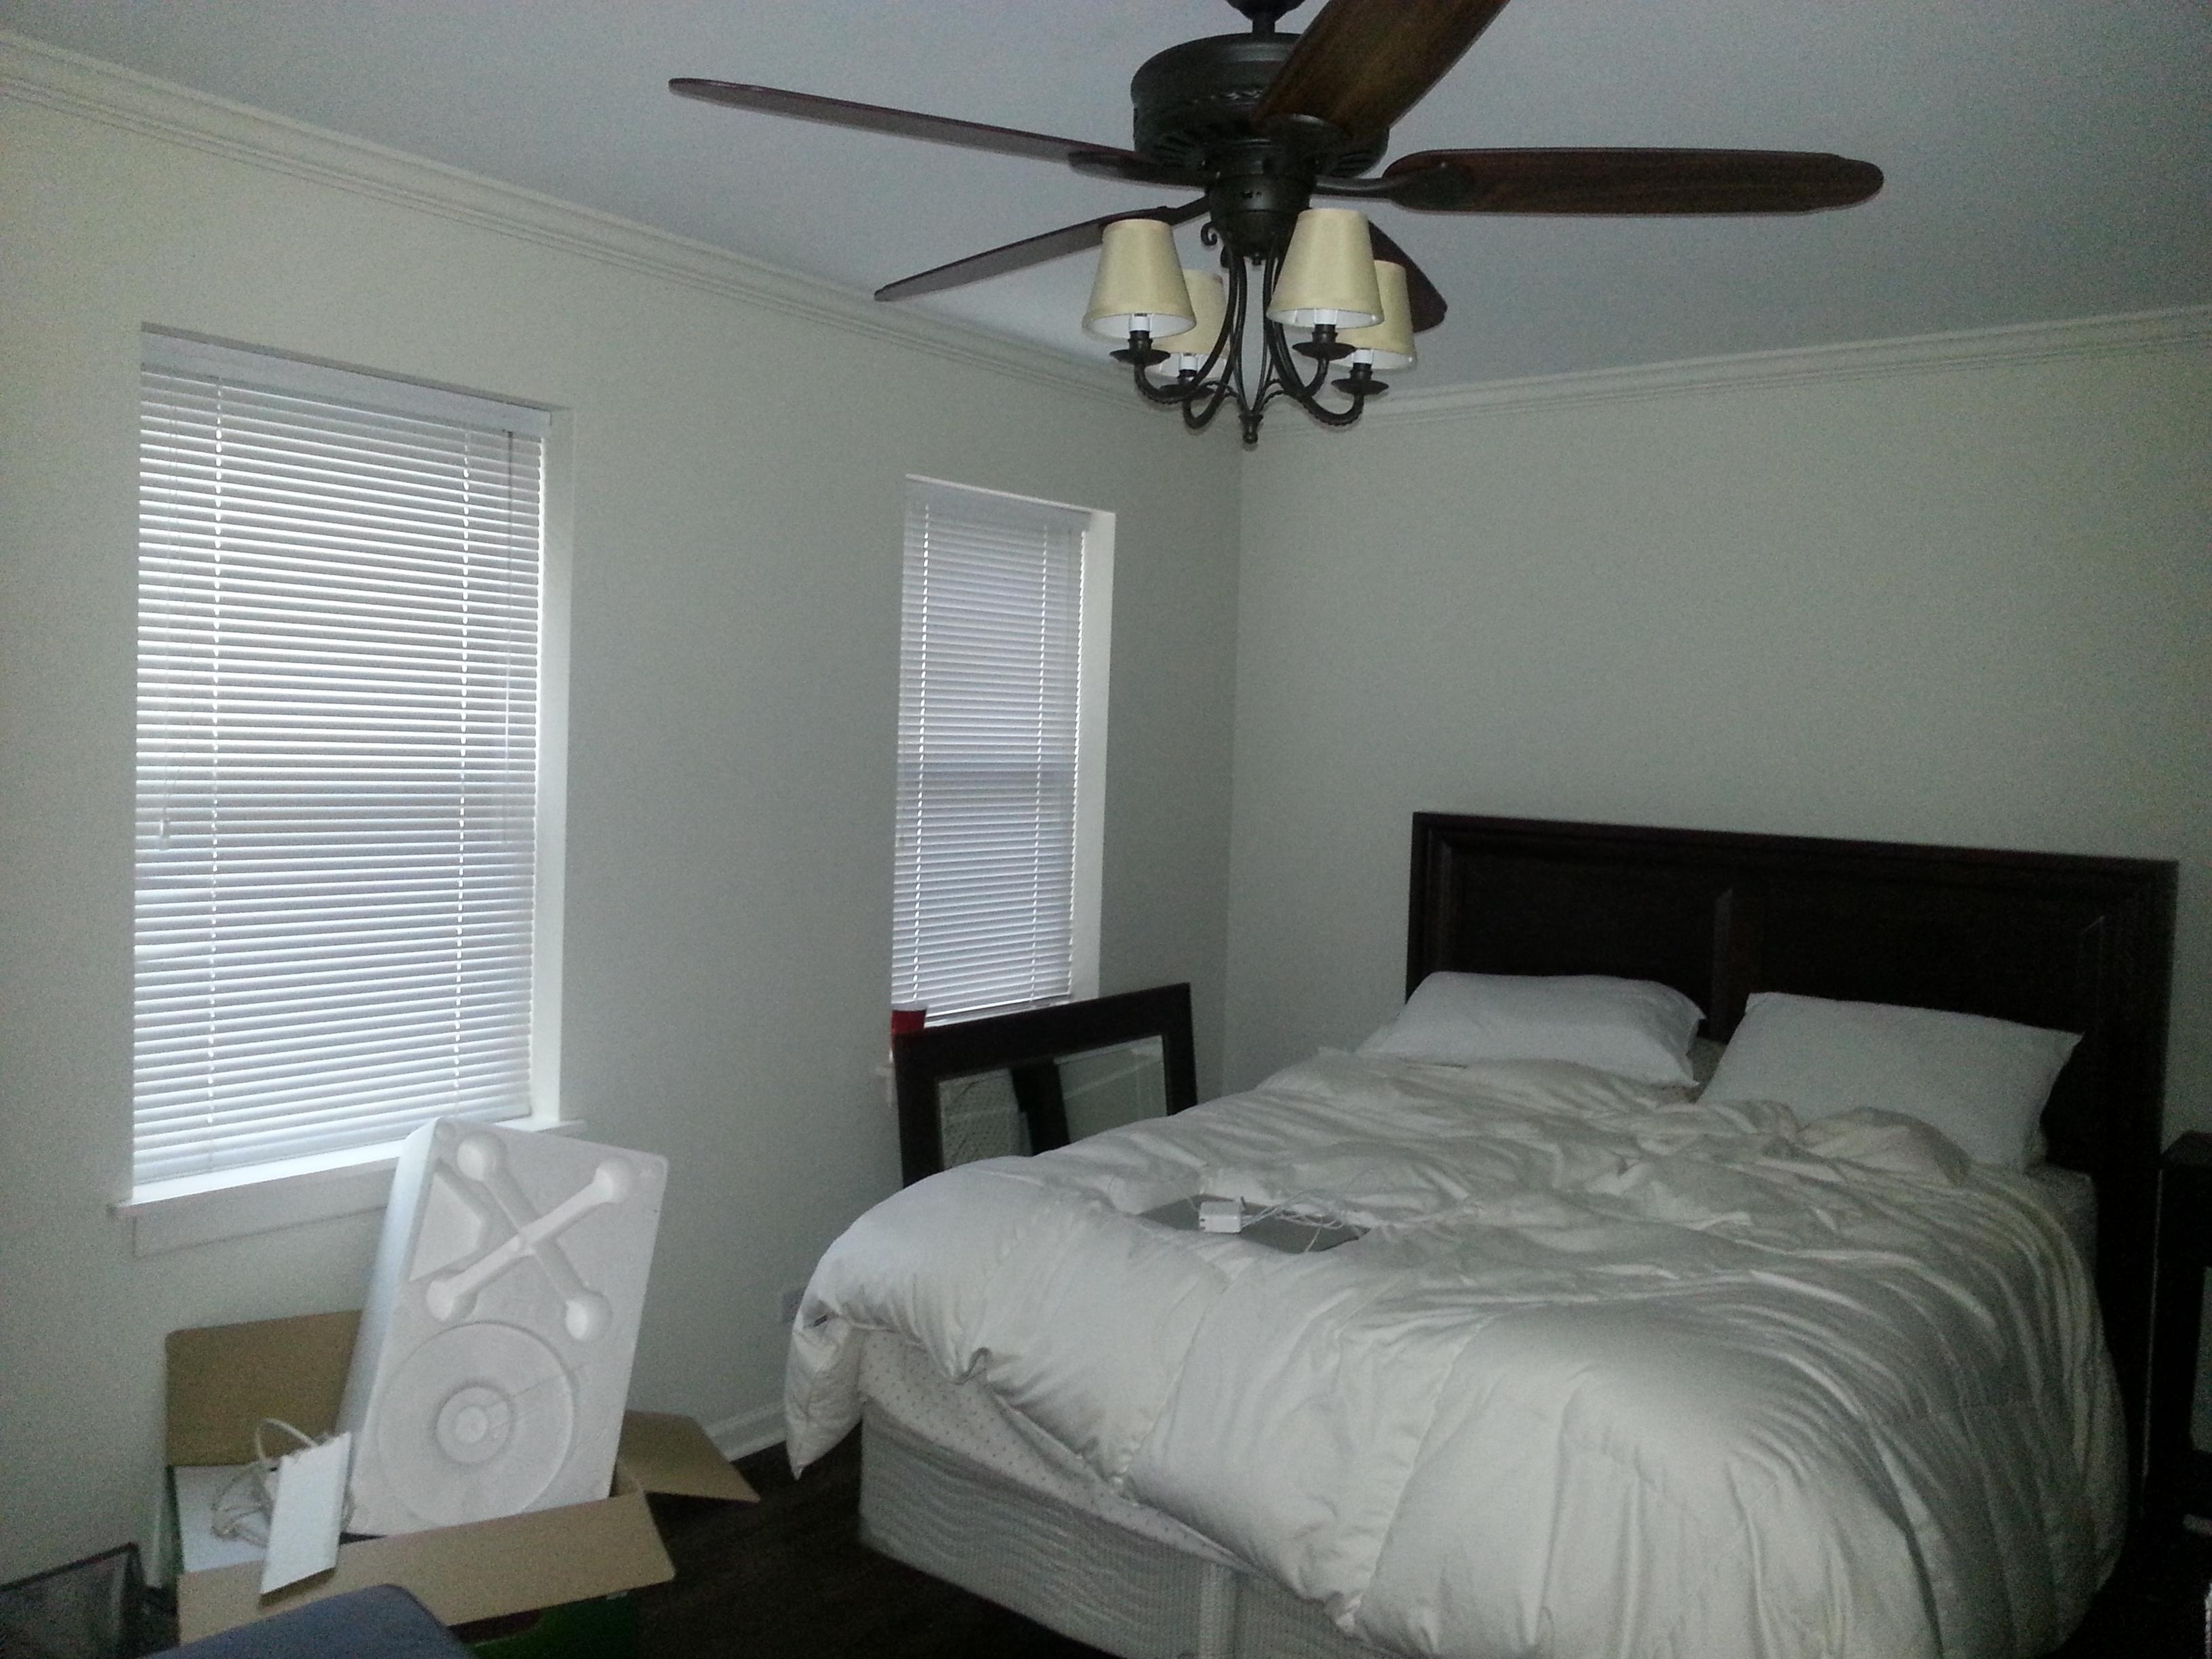 runeatdrink joie de vivre. Black Bedroom Furniture Sets. Home Design Ideas